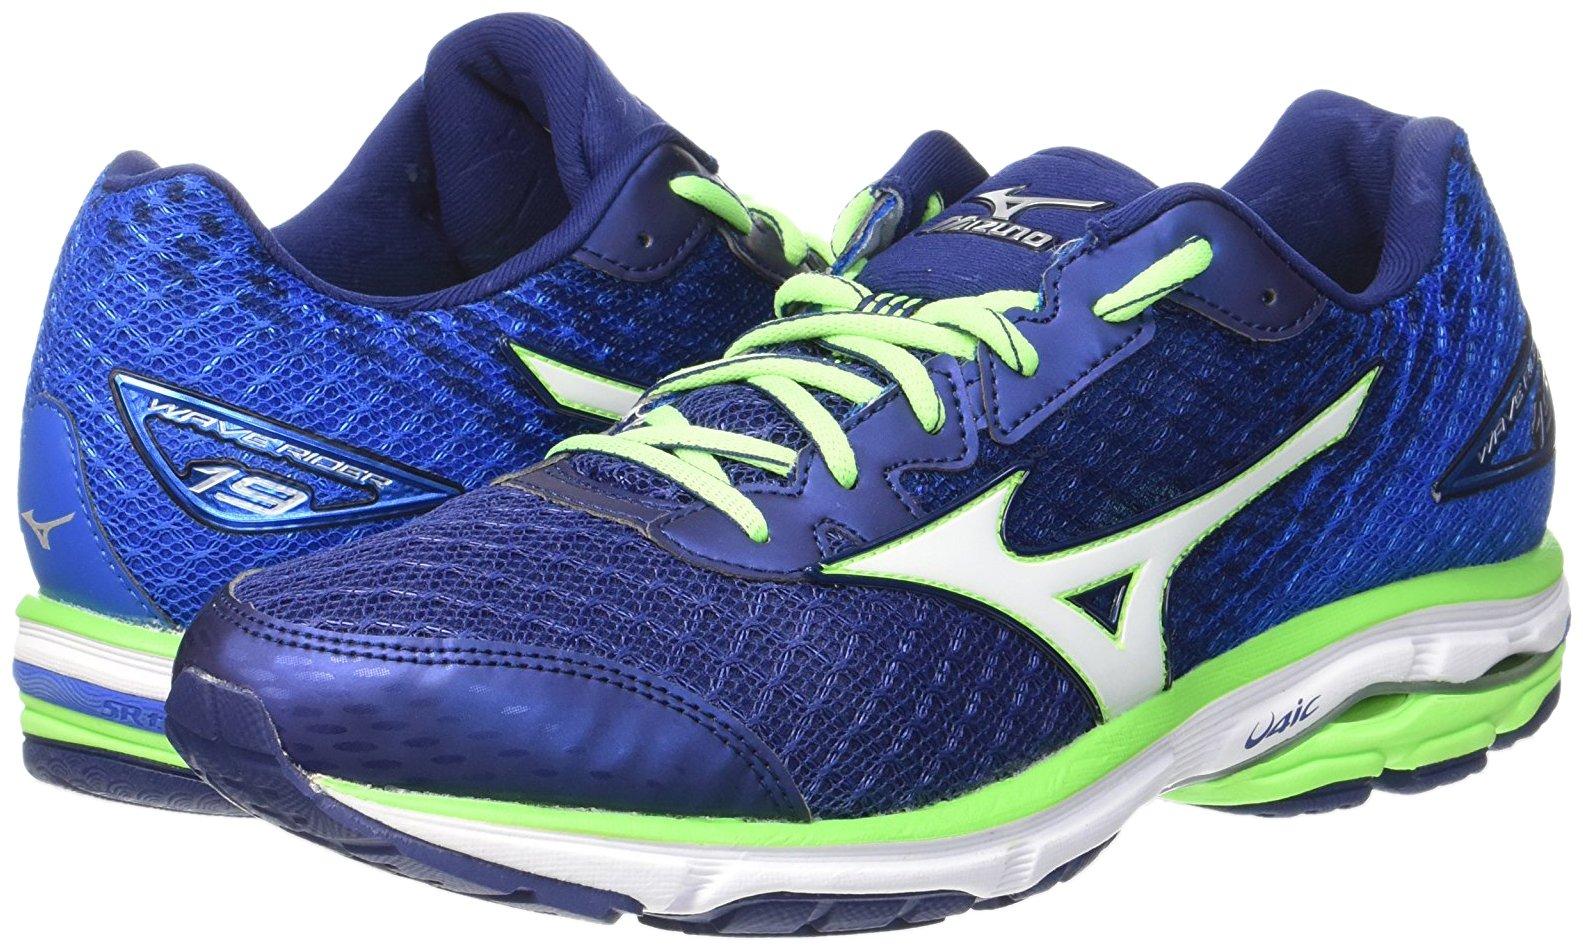 Mizuno Wave Rider 19, Zapatillas de running para hombre, azul (twilight blue/silver/green gecko), 40.5 EU: Amazon.es: Deportes y aire libre